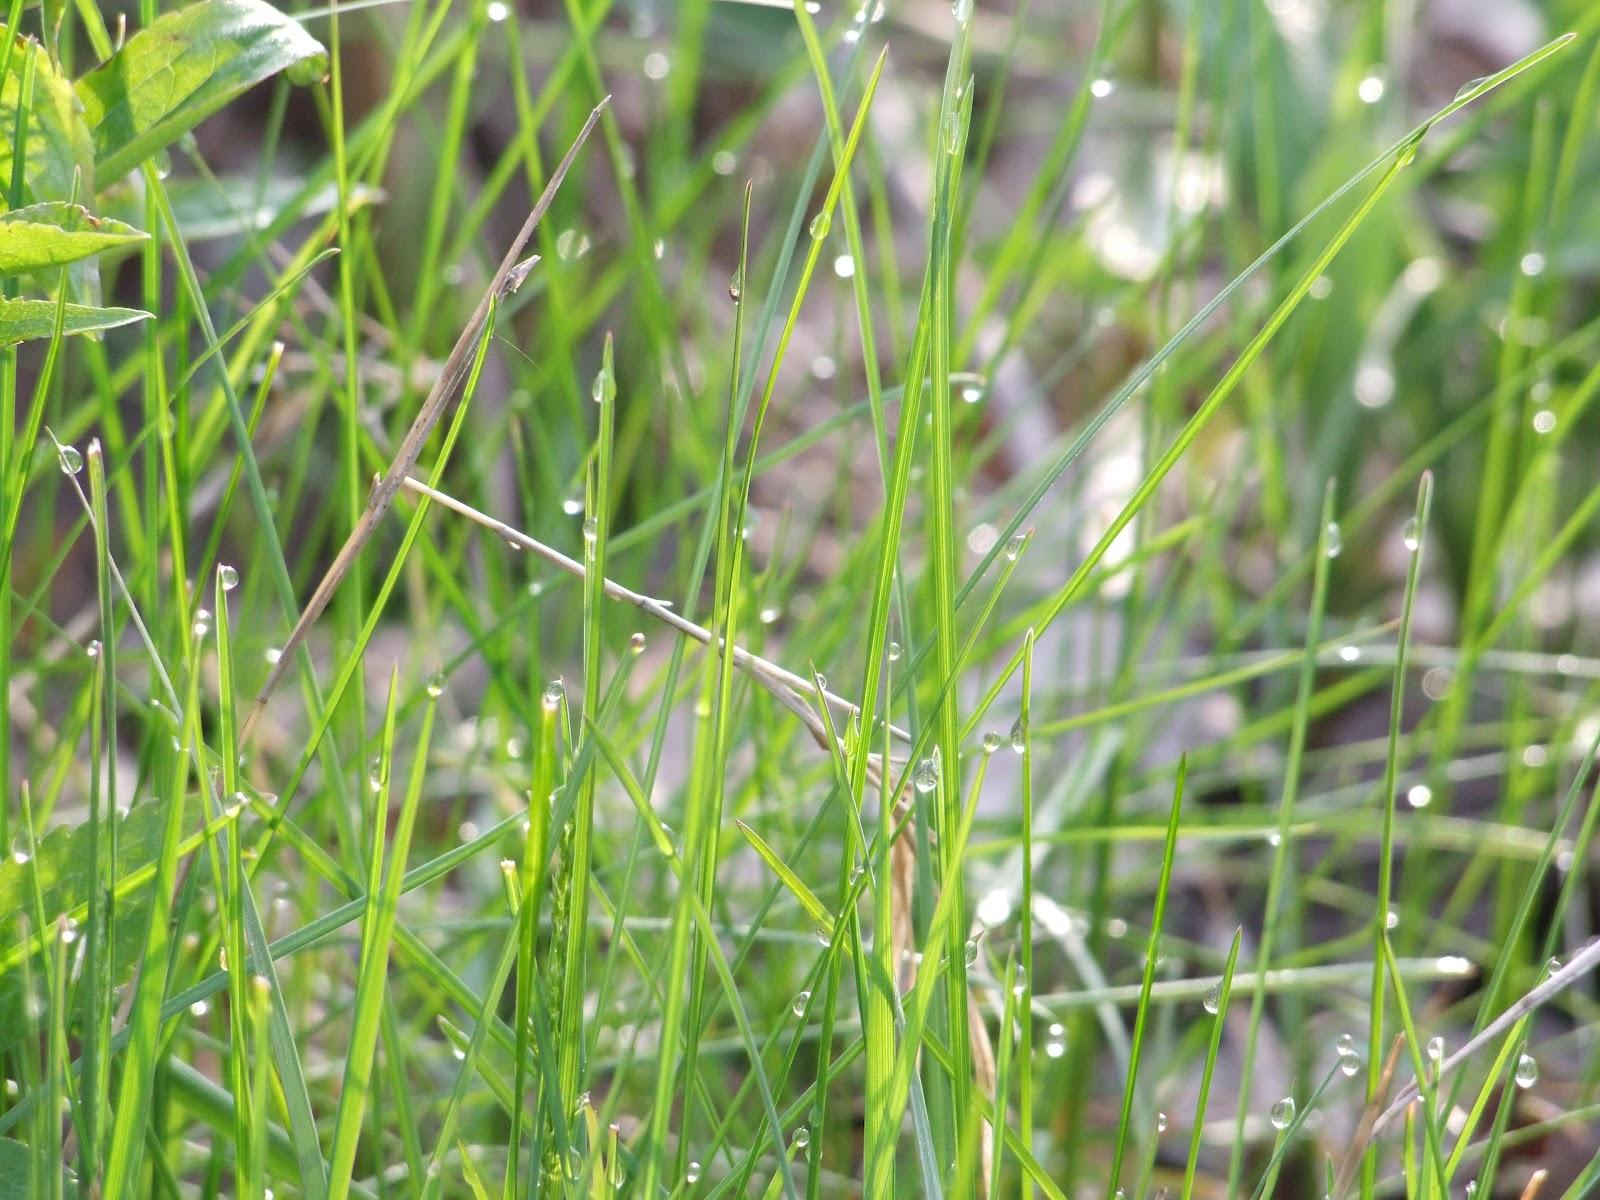 Beechwood wetland blog for The beechwood